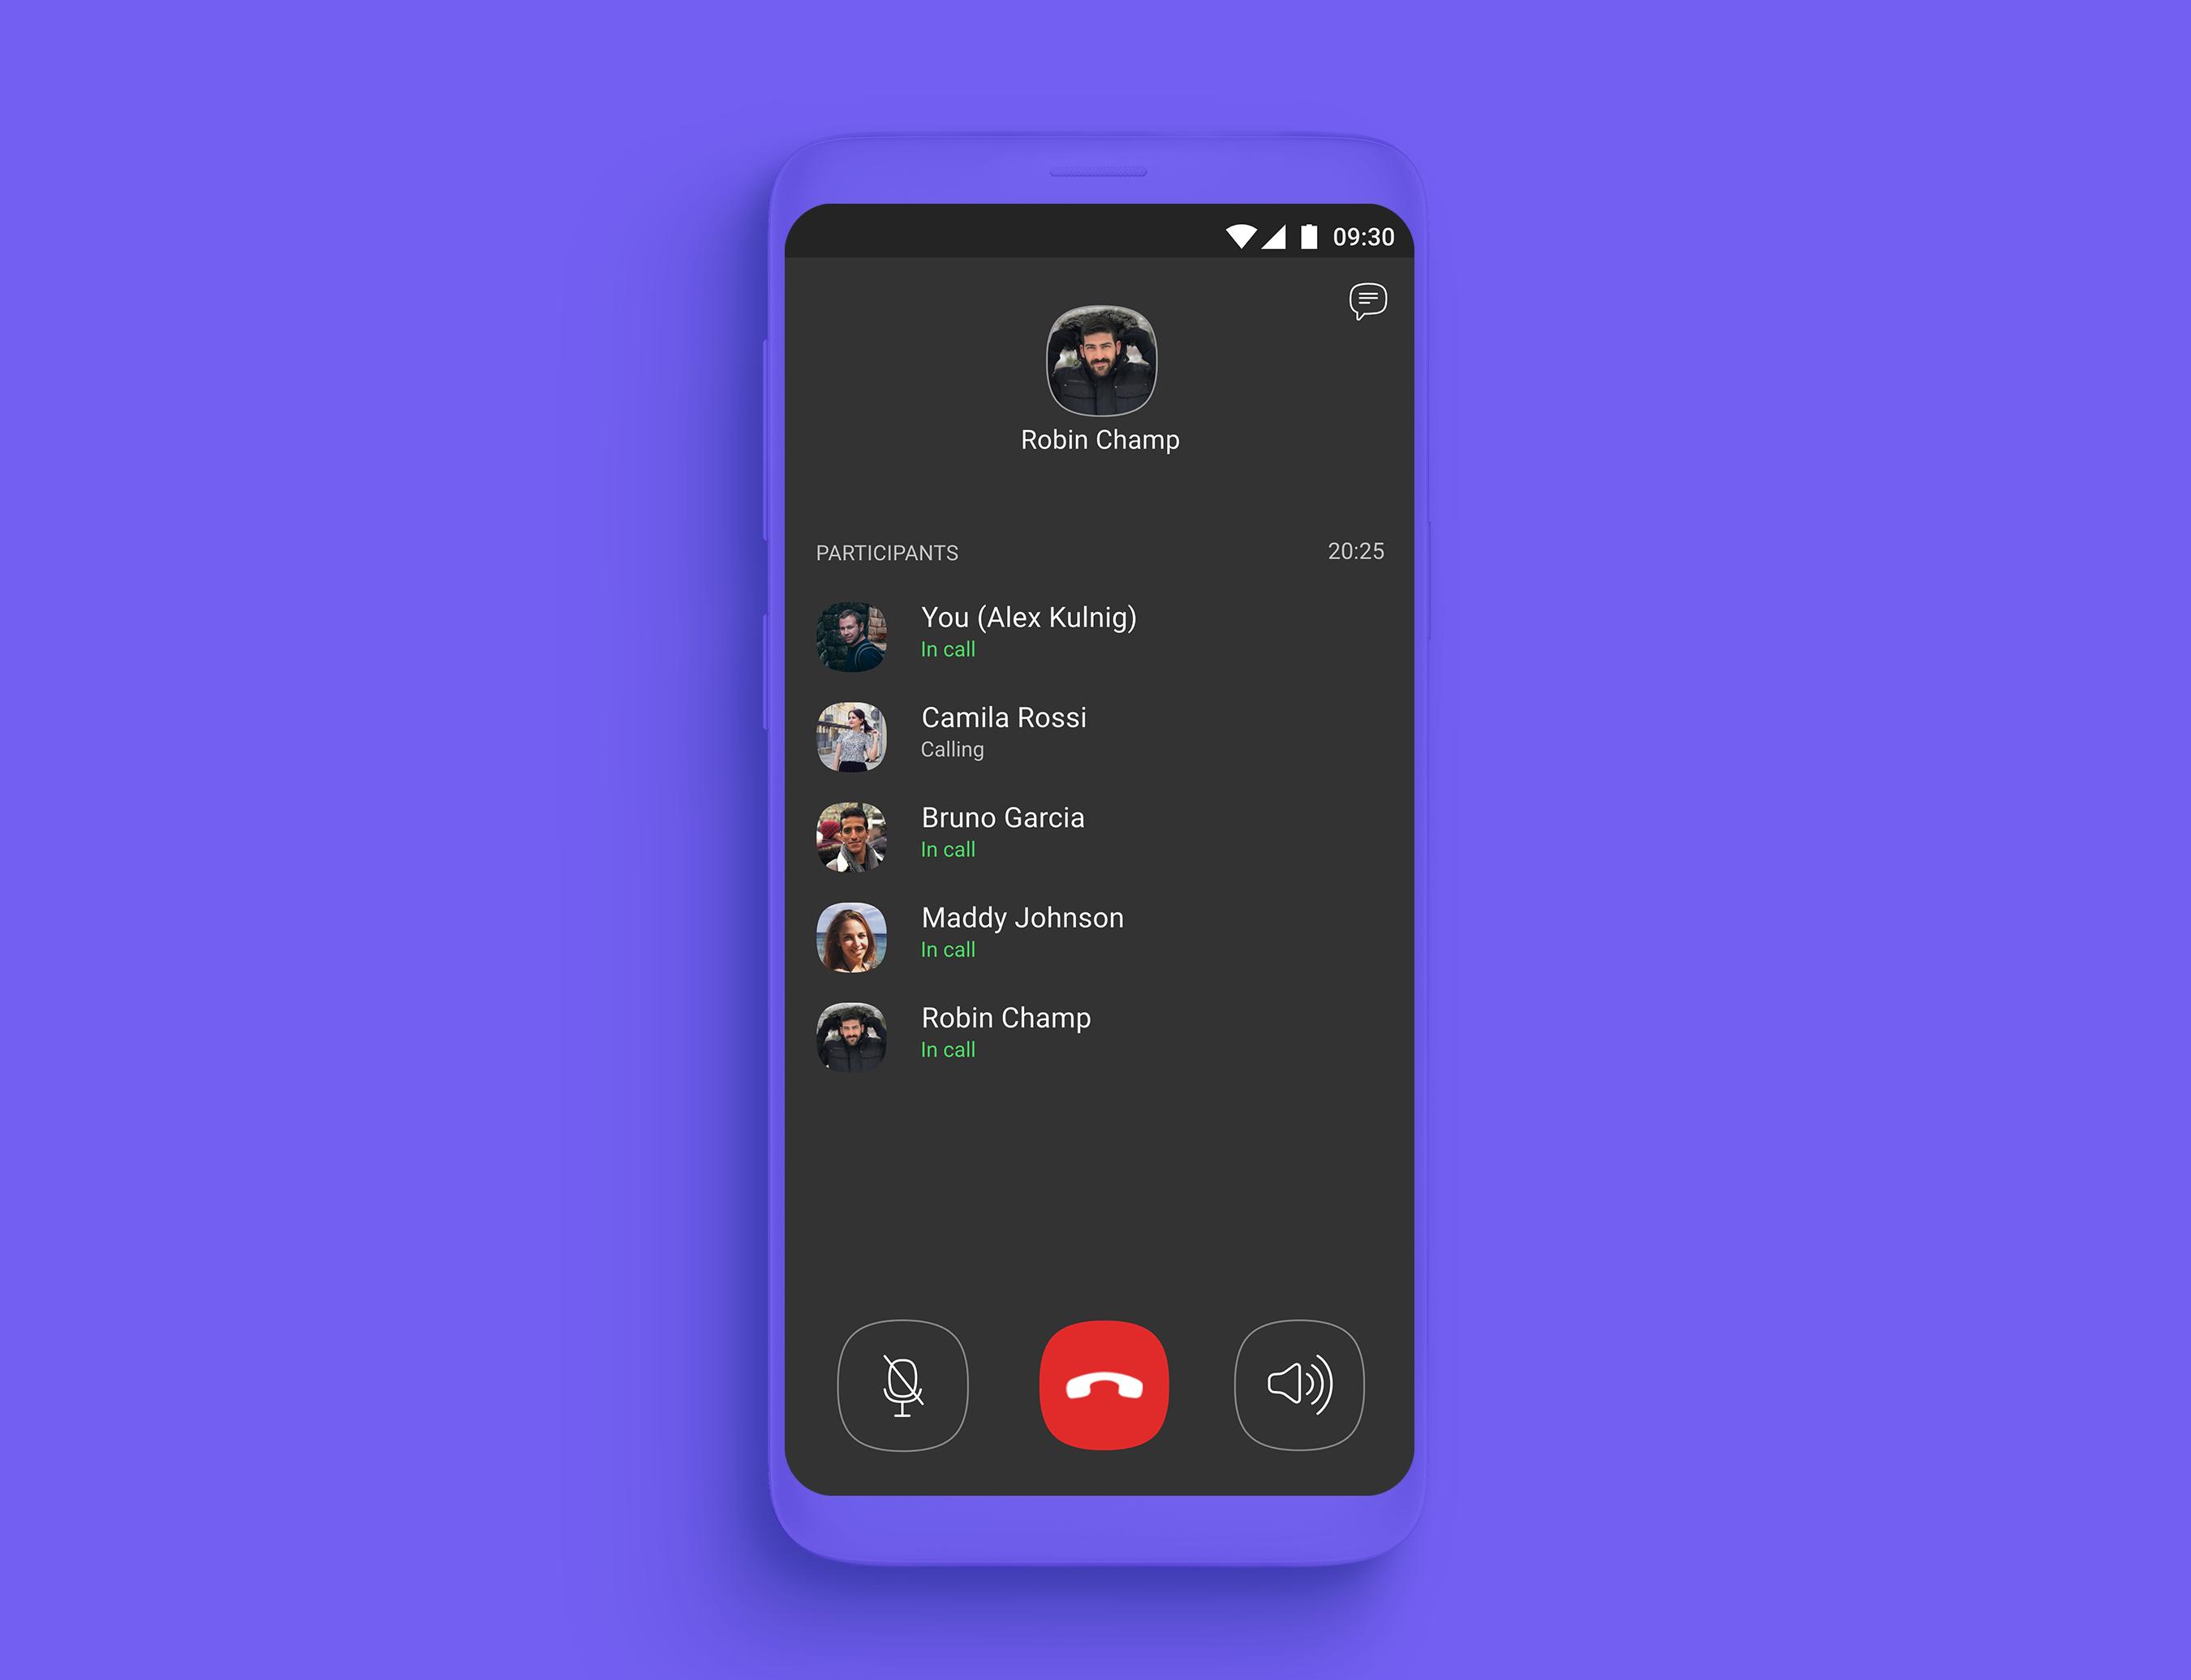 تحديث فايبر 10 على أندرويد يأتي بتصميم جديد ودعم للمكالمات الجماعية